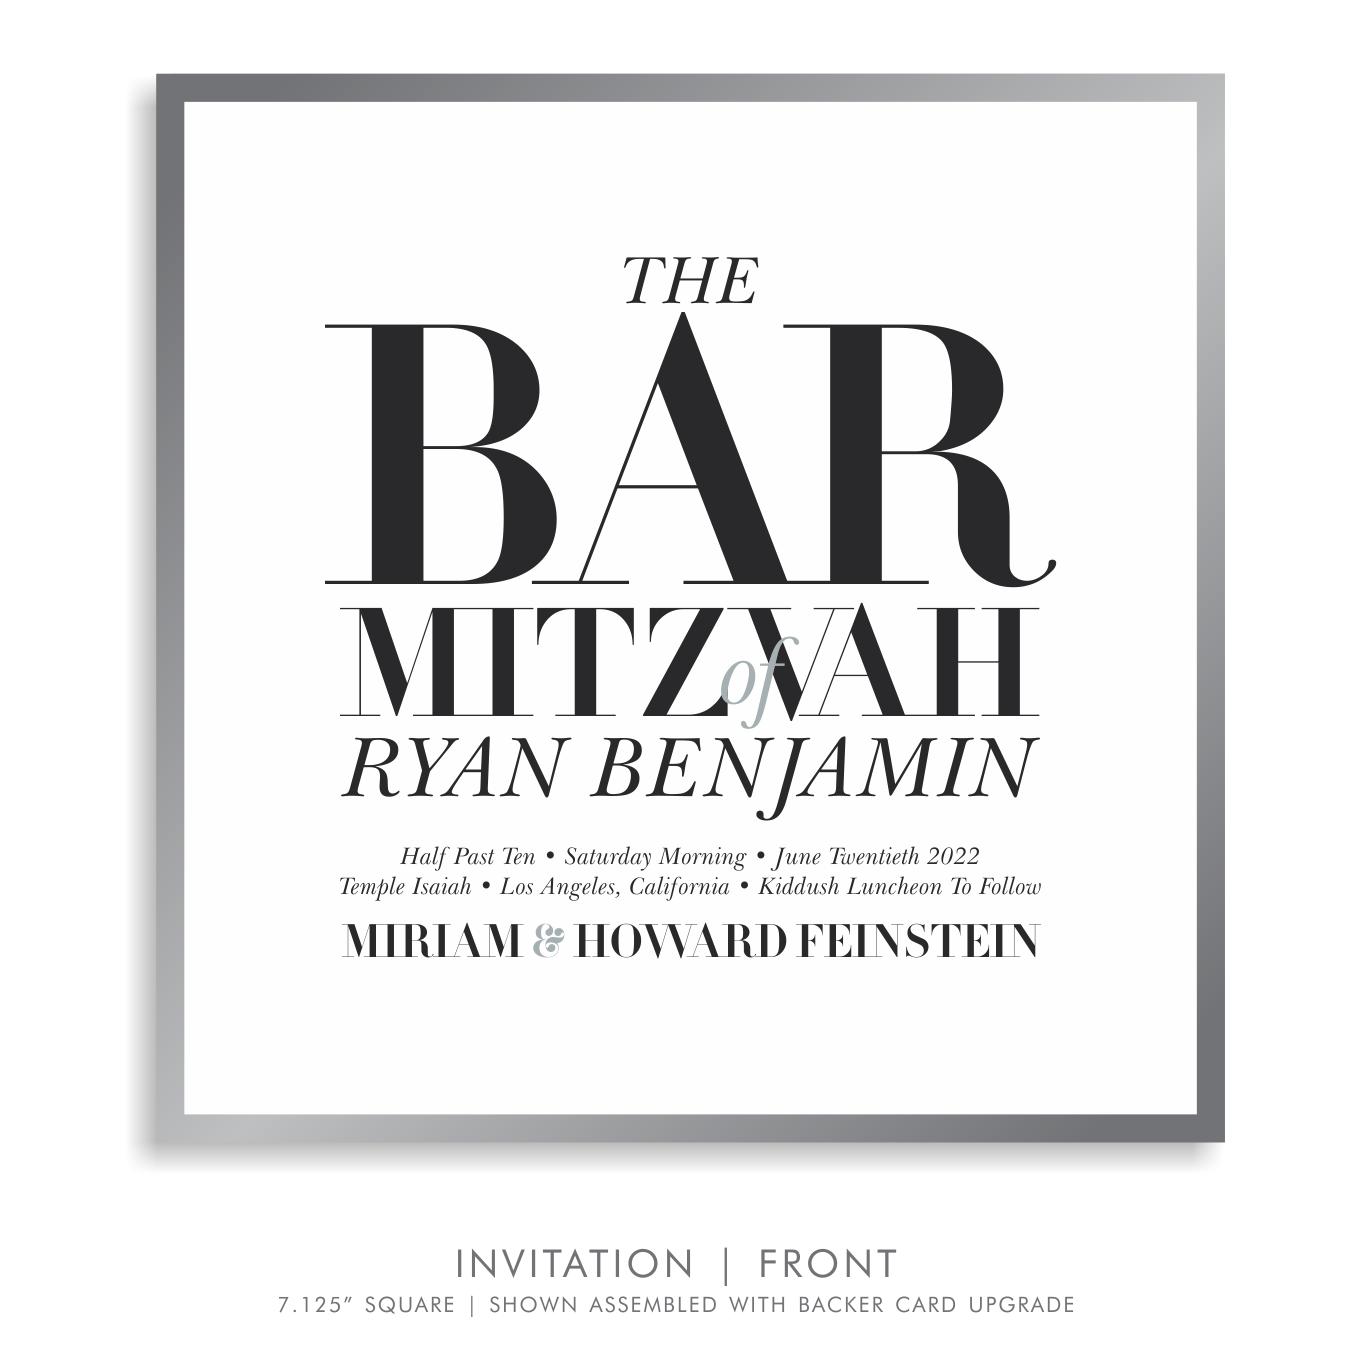 01 BAR MITZVAH INVITATION 5402-1 INVITATION.png